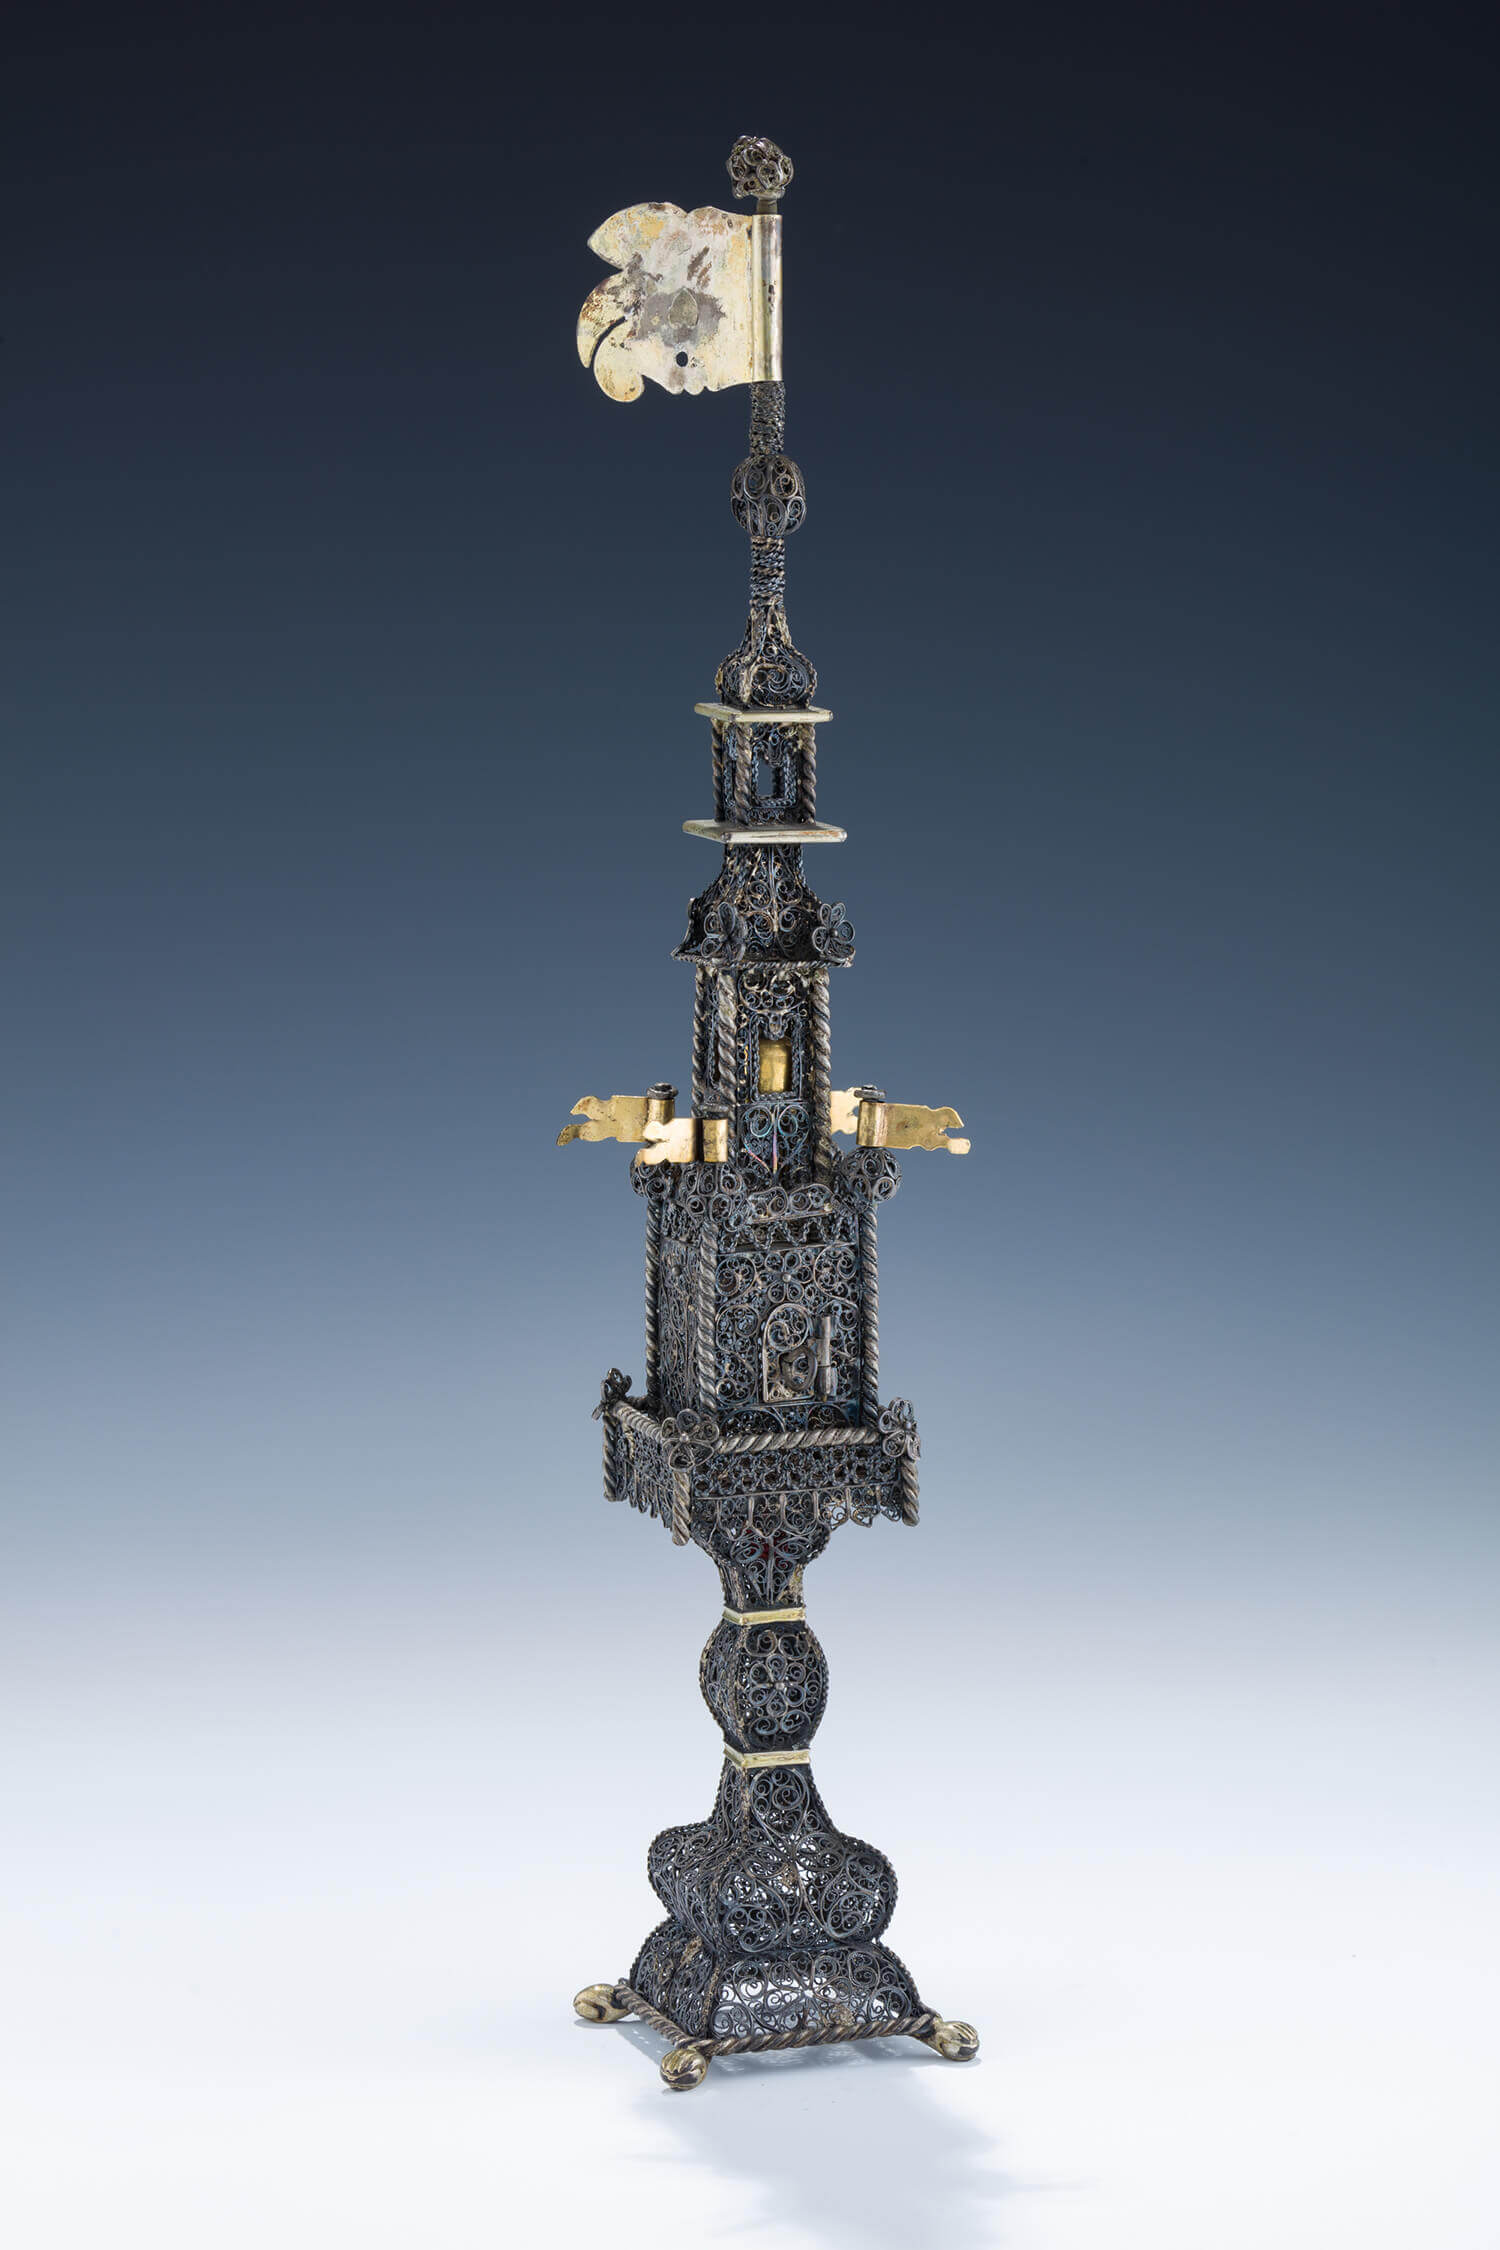 084. A MASSIVE SILVER SPICE TOWER